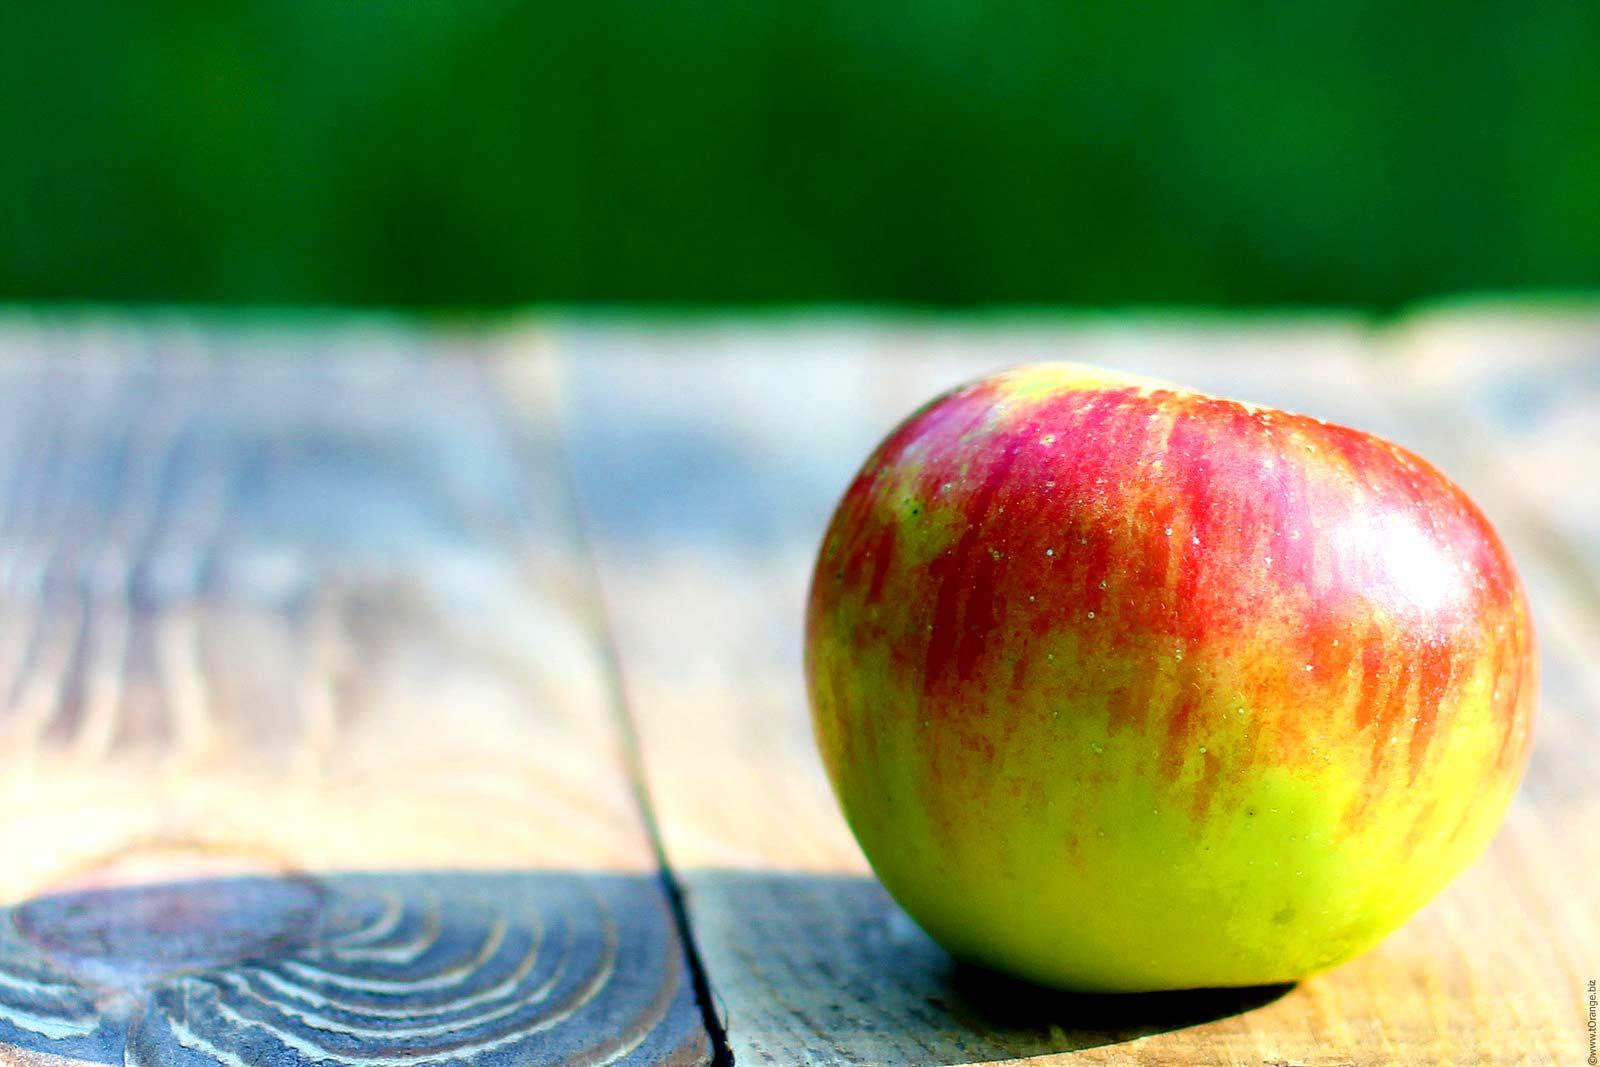 Jablko-a-počet-kalórií-v-jablku.-7-účinkov-pre-zdravie 10 dôvodov prečo jesť orechy na Vianoce. Účinky orechov na zdravie